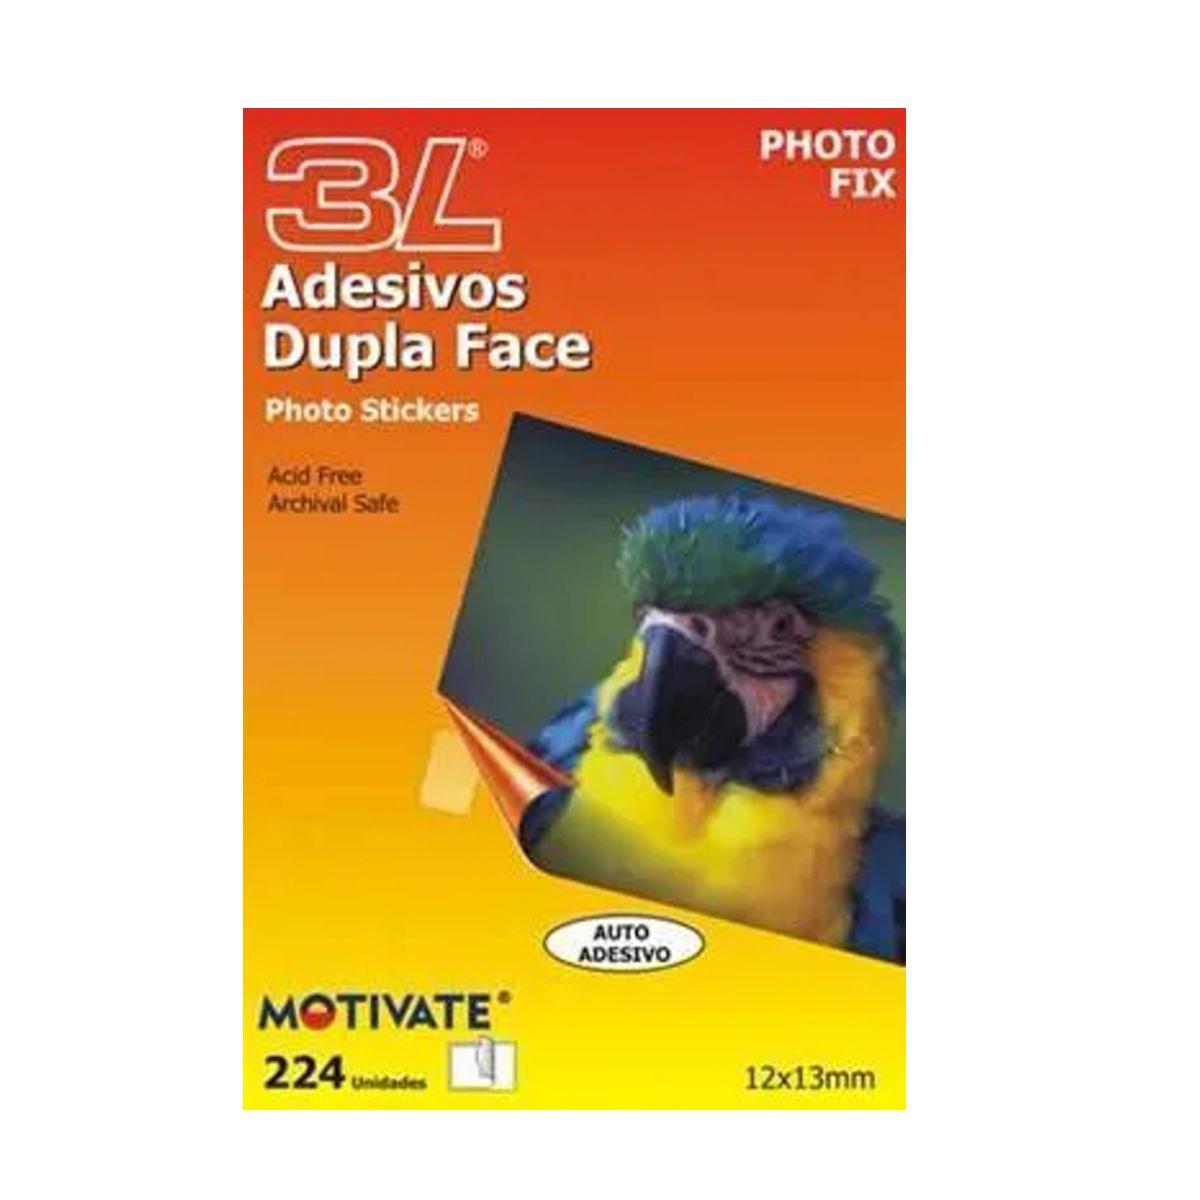 Auto Adesivo Dupla Face Photo Fix - Blister com 504 Adesivos